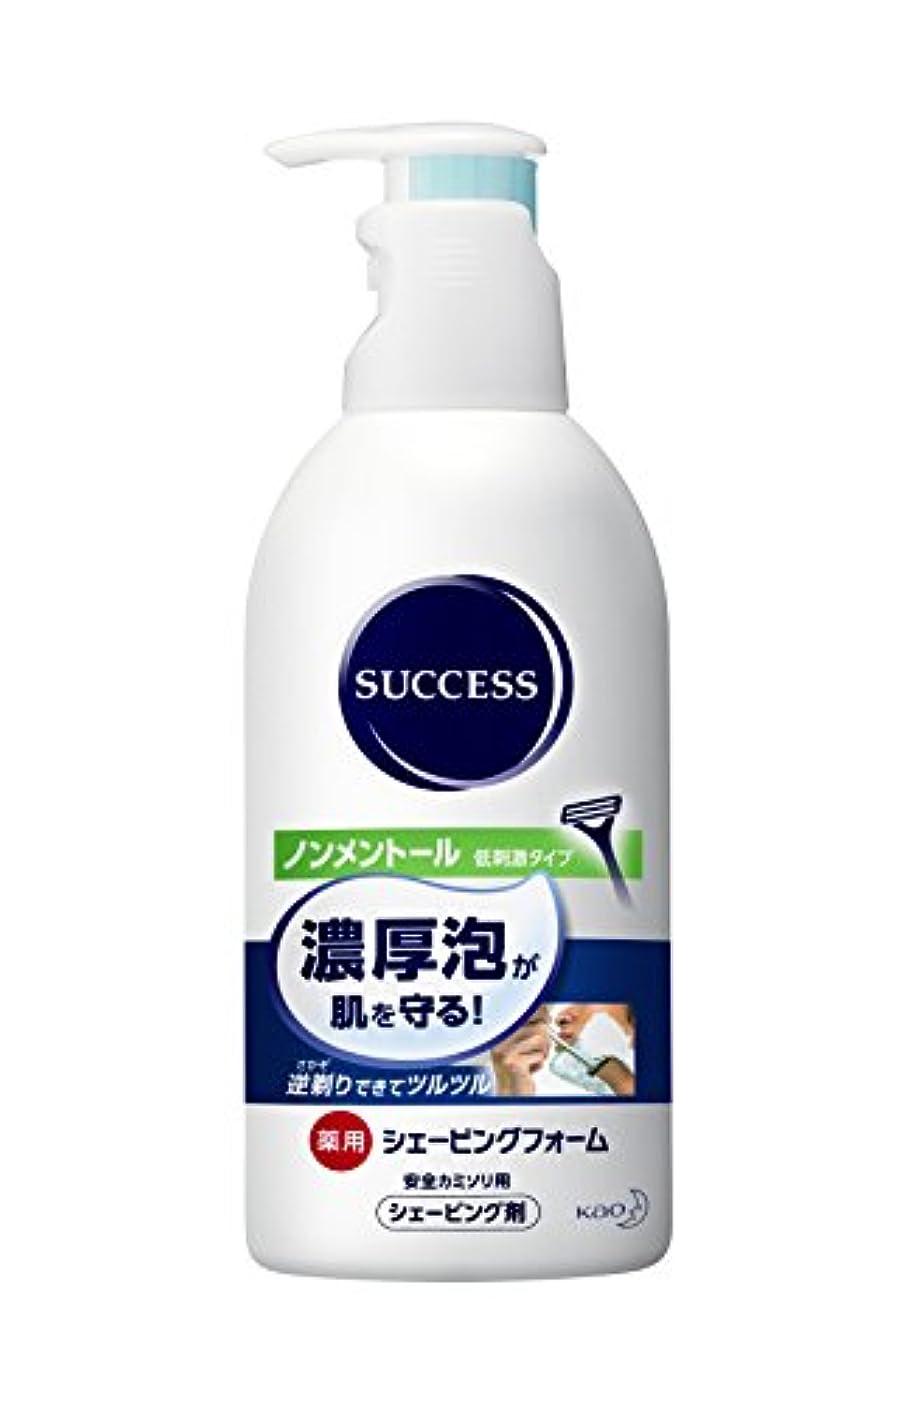 段落セールお茶サクセス薬用シェービングフォーム(ノンメントール) 250g [医薬部外品]